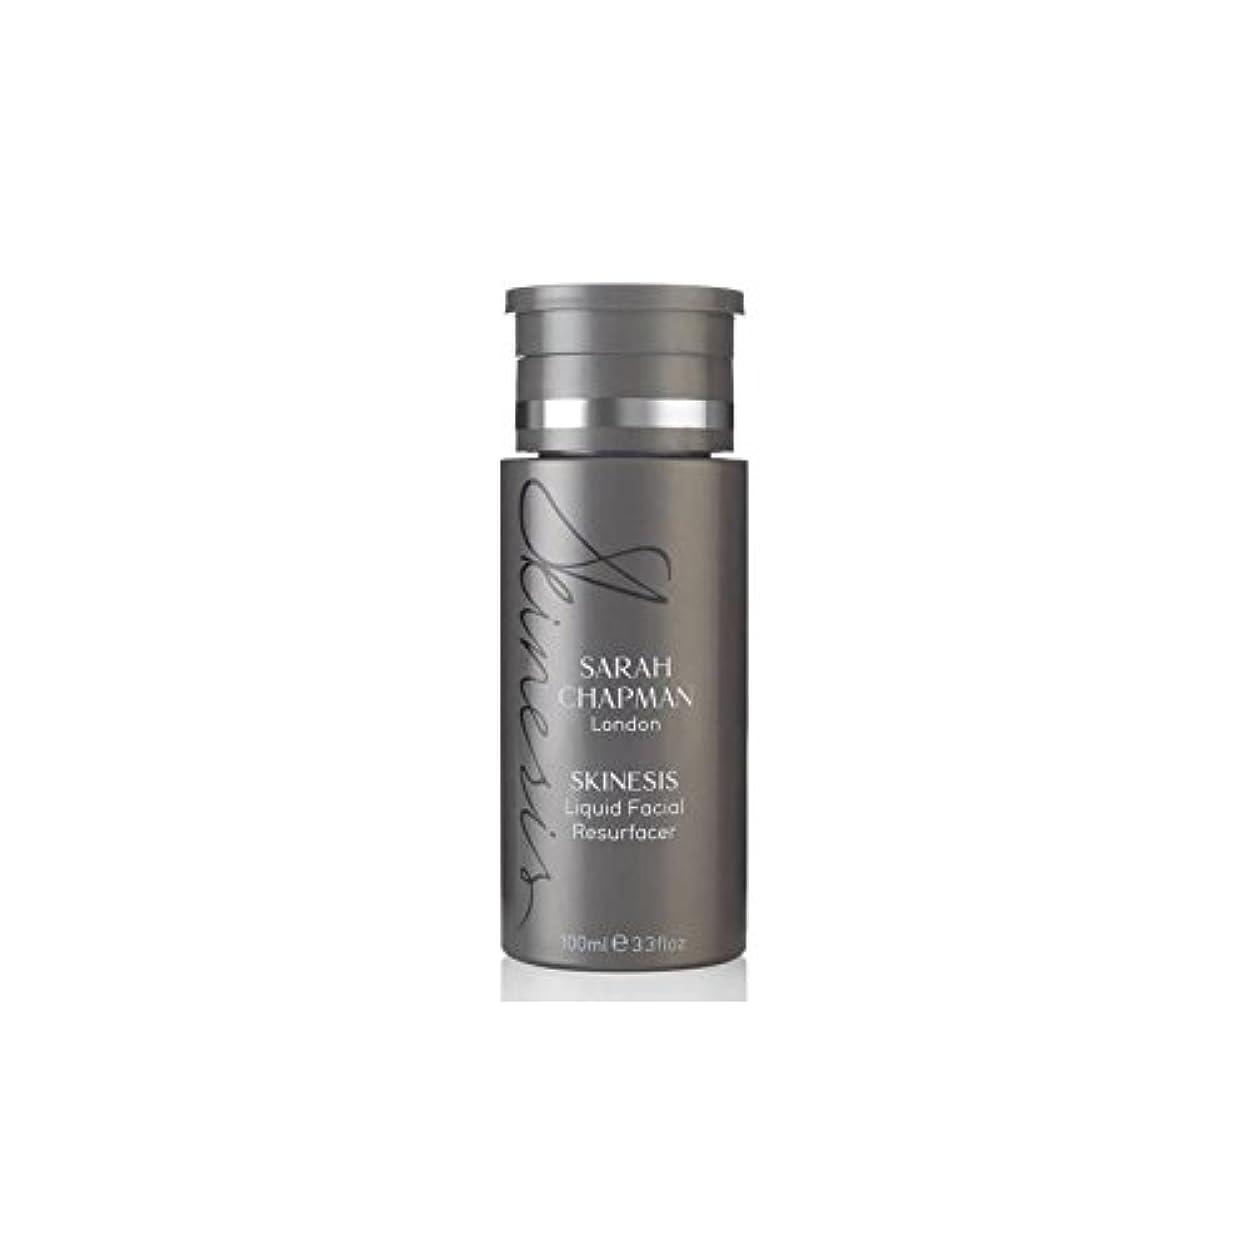 供給める急行するSarah Chapman Skinesis Liquid Facial Resurfacer (100ml) - サラチャップマン液体顔(100)に [並行輸入品]